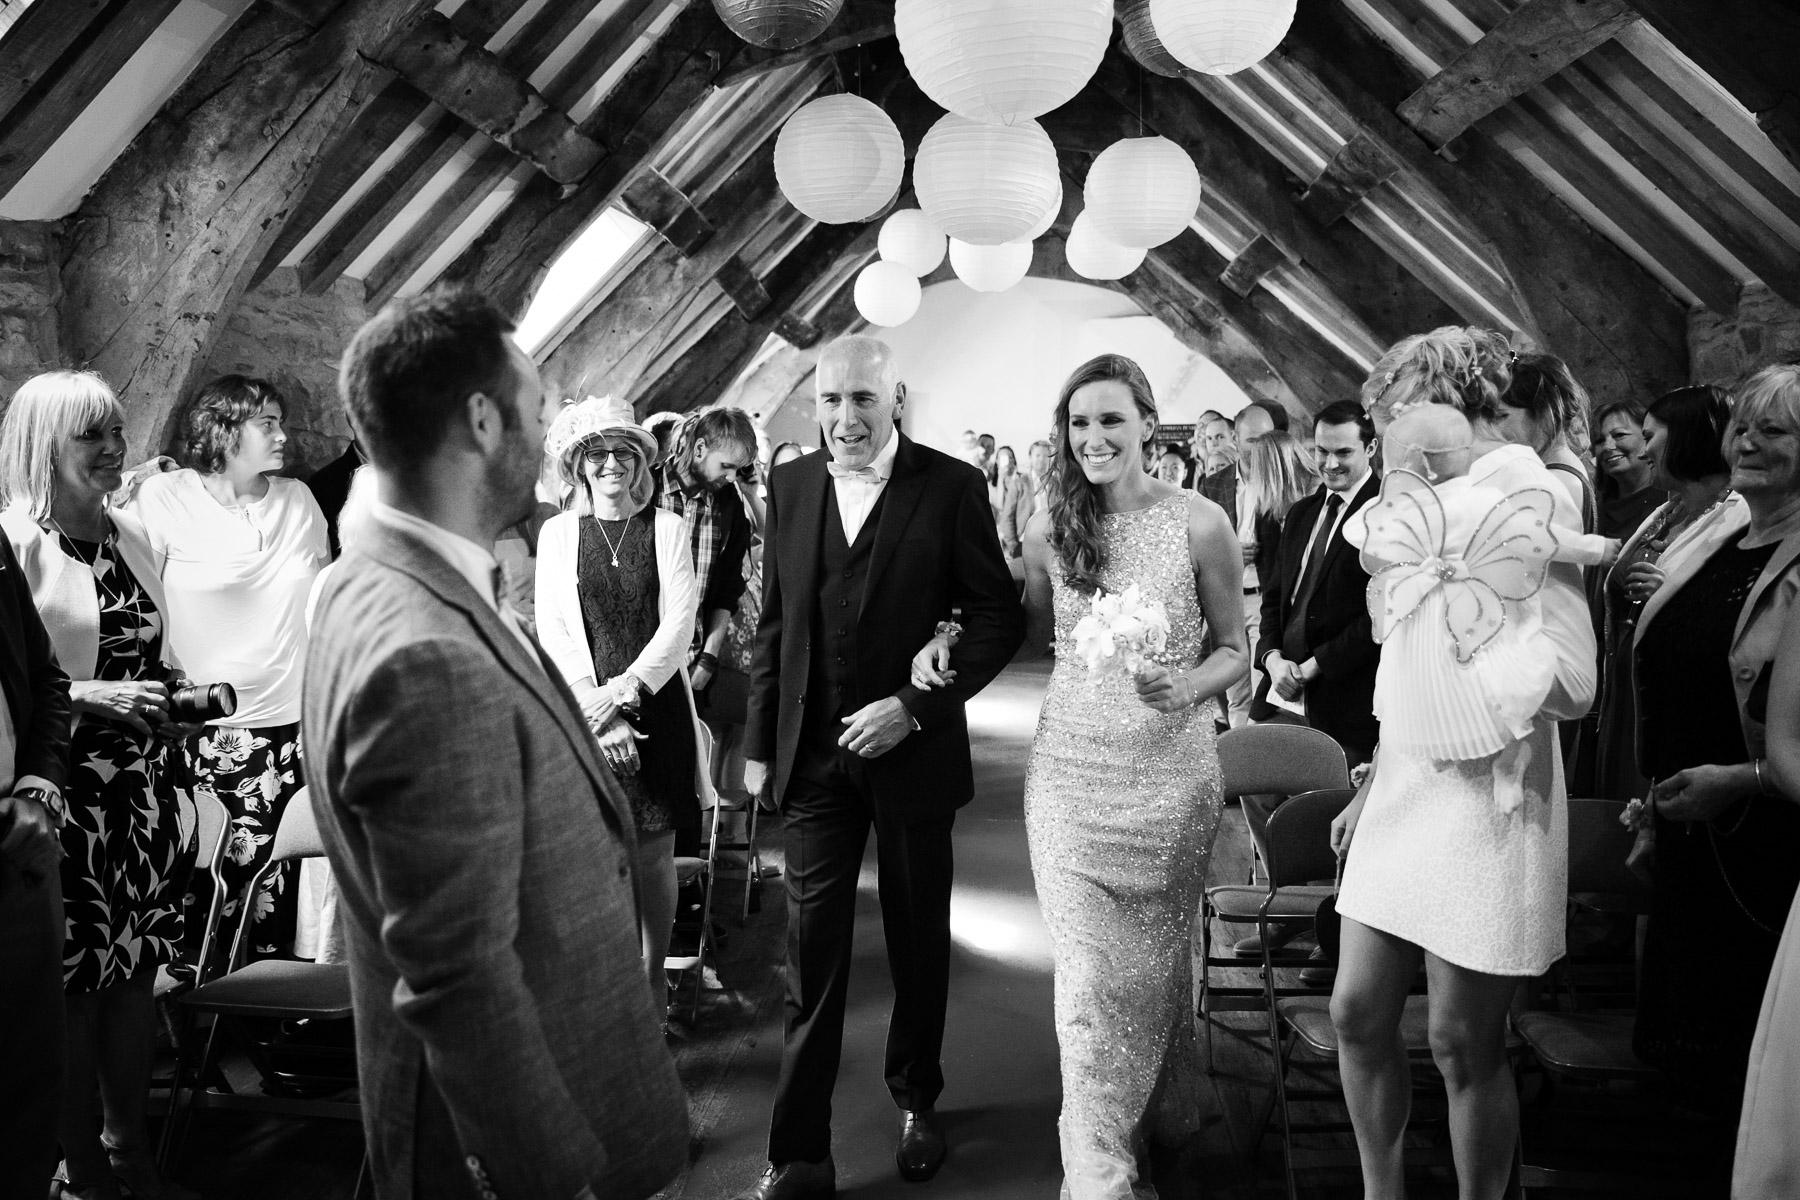 wedding portfolio 25-09-17  161.jpg